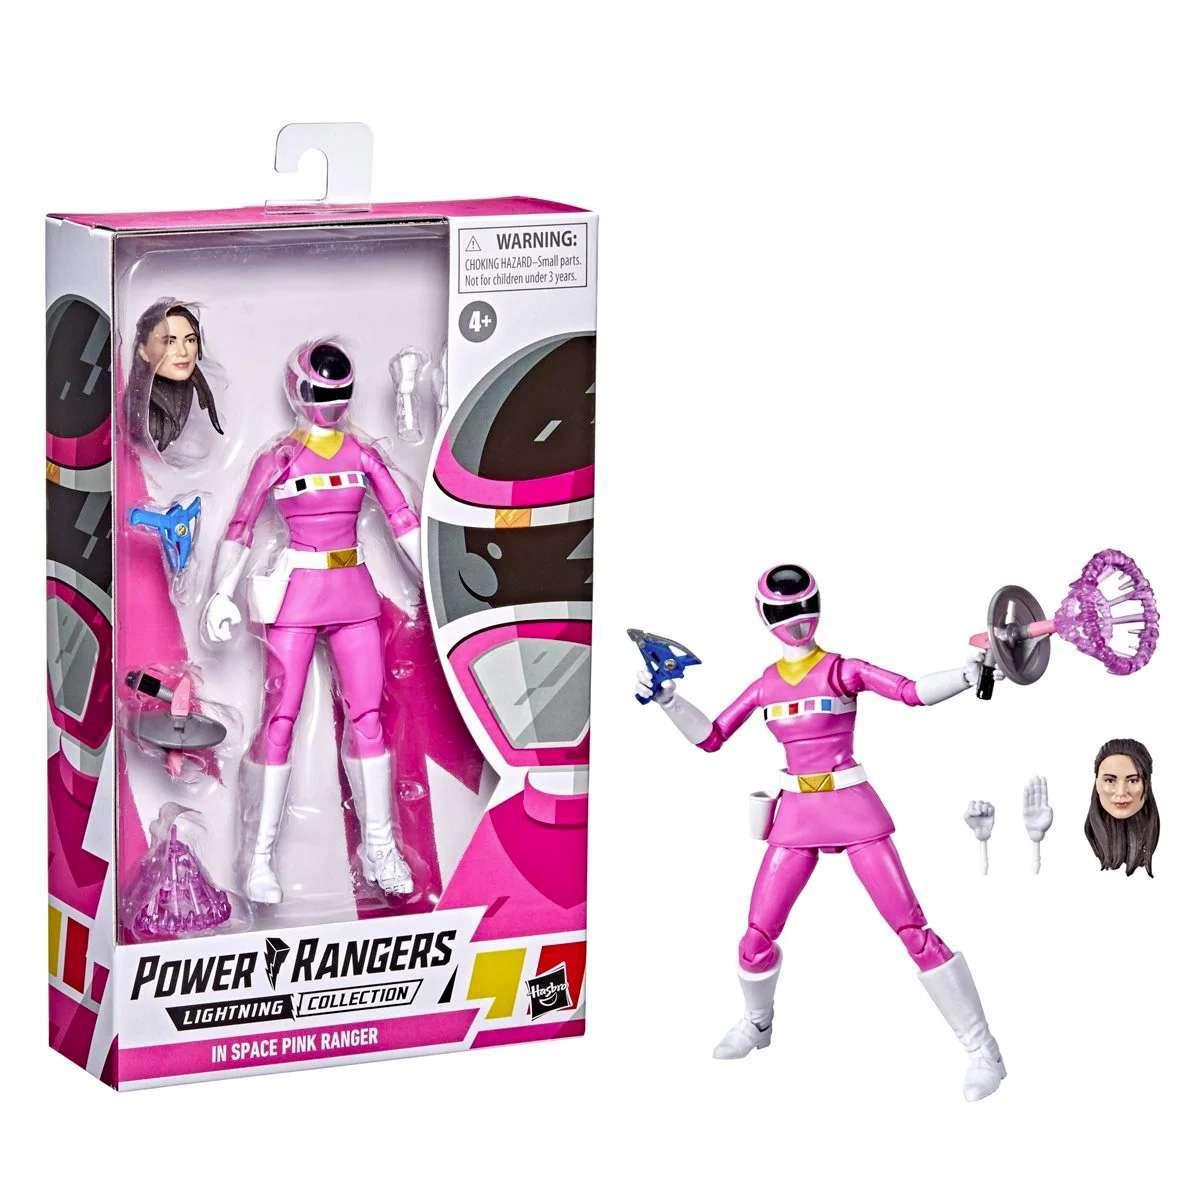 powwer-rangers-pink-ranger